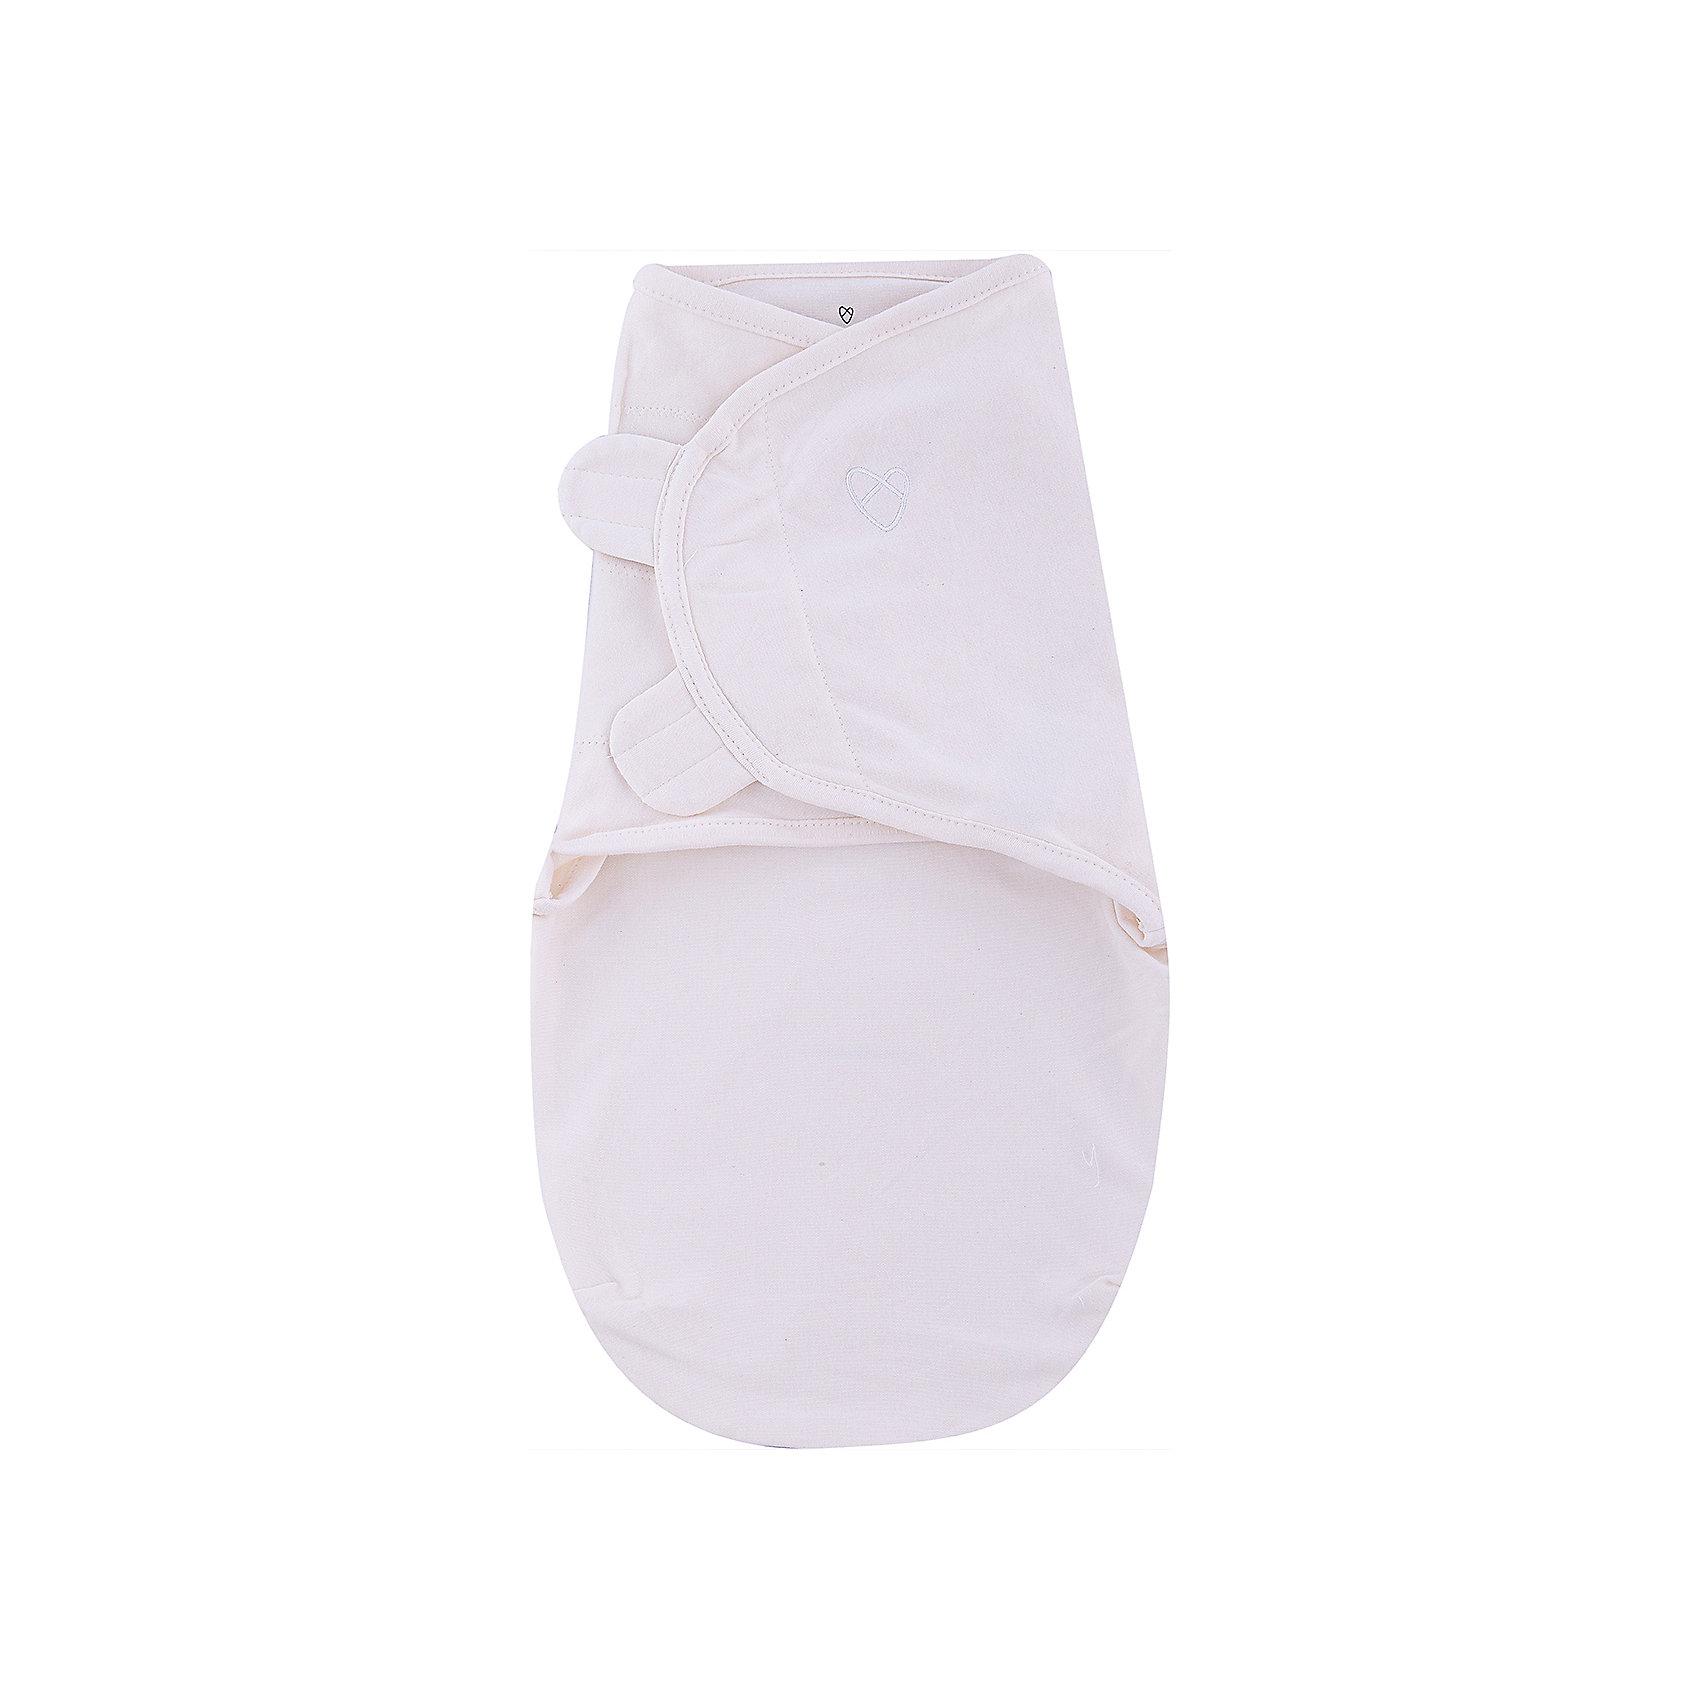 Конверт на липучке SwaddleMe Organic®, размер S/M, , Summer Infant, кремовыйКонверт на липучке SwaddleMe Organic®, размер S/M, Summer Infant (Саммер Инфант), кремовый.<br><br>Характеристики:<br><br>• мягкий конверт<br>• обеспечивает спокойный сон ребенка<br>• регулируемые крылья не позволят ребенку распеленаться<br>• регулируется по мере роста ребенка<br>• можно открыть только нижнюю часть для смены подгузника<br>• подходит для колясок и автокресел<br>• размер: S/M<br>• расцветка: кремовый<br>• состав: хлопок, эластан<br>• длина конверта: 50 см<br>• для детей от 3 до 6 кг<br><br>Конверт на липучке SwaddleMe Organic®, Summer Infant подарит крохе комфортный и здоровый сон. Мягкий хлопок нежно укутает младенца и создаст ощущение пребывании в мамином животике. Крылья конверта регулируются в зависимости от роста ребенка, что сведет к минимуму возможность распеленаться самостоятельно. Для смены подгузника не обязательно раскрывать конверт полностью, достаточно открыть нижнюю часть.<br><br>Конверт на липучке SwaddleMe Organic®, размер S/M, Summer Infant (Саммер Инфант), кремовый вы можете приобрести в нашем интернет-магазине.<br><br>Ширина мм: 20<br>Глубина мм: 200<br>Высота мм: 250<br>Вес г: 200<br>Возраст от месяцев: 0<br>Возраст до месяцев: 3<br>Пол: Унисекс<br>Возраст: Детский<br>SKU: 5089924